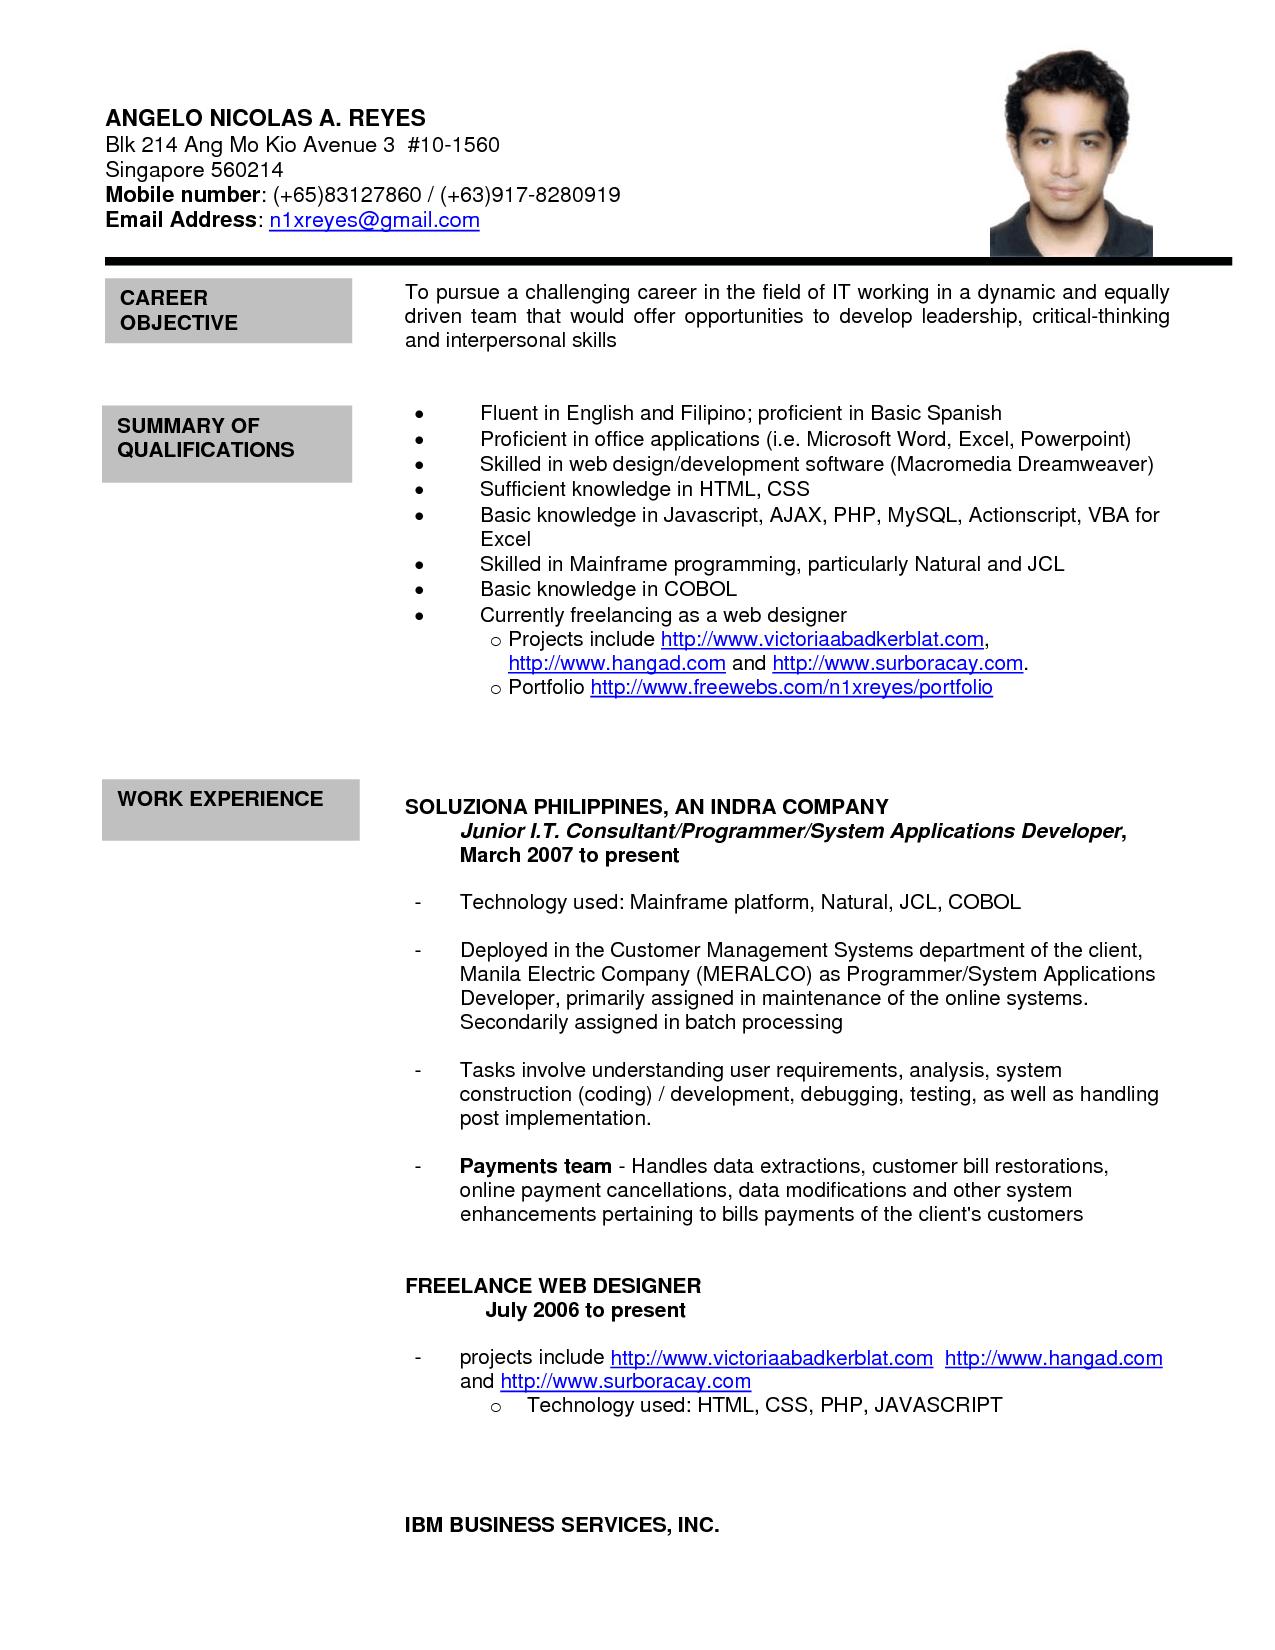 jobstreet resumes